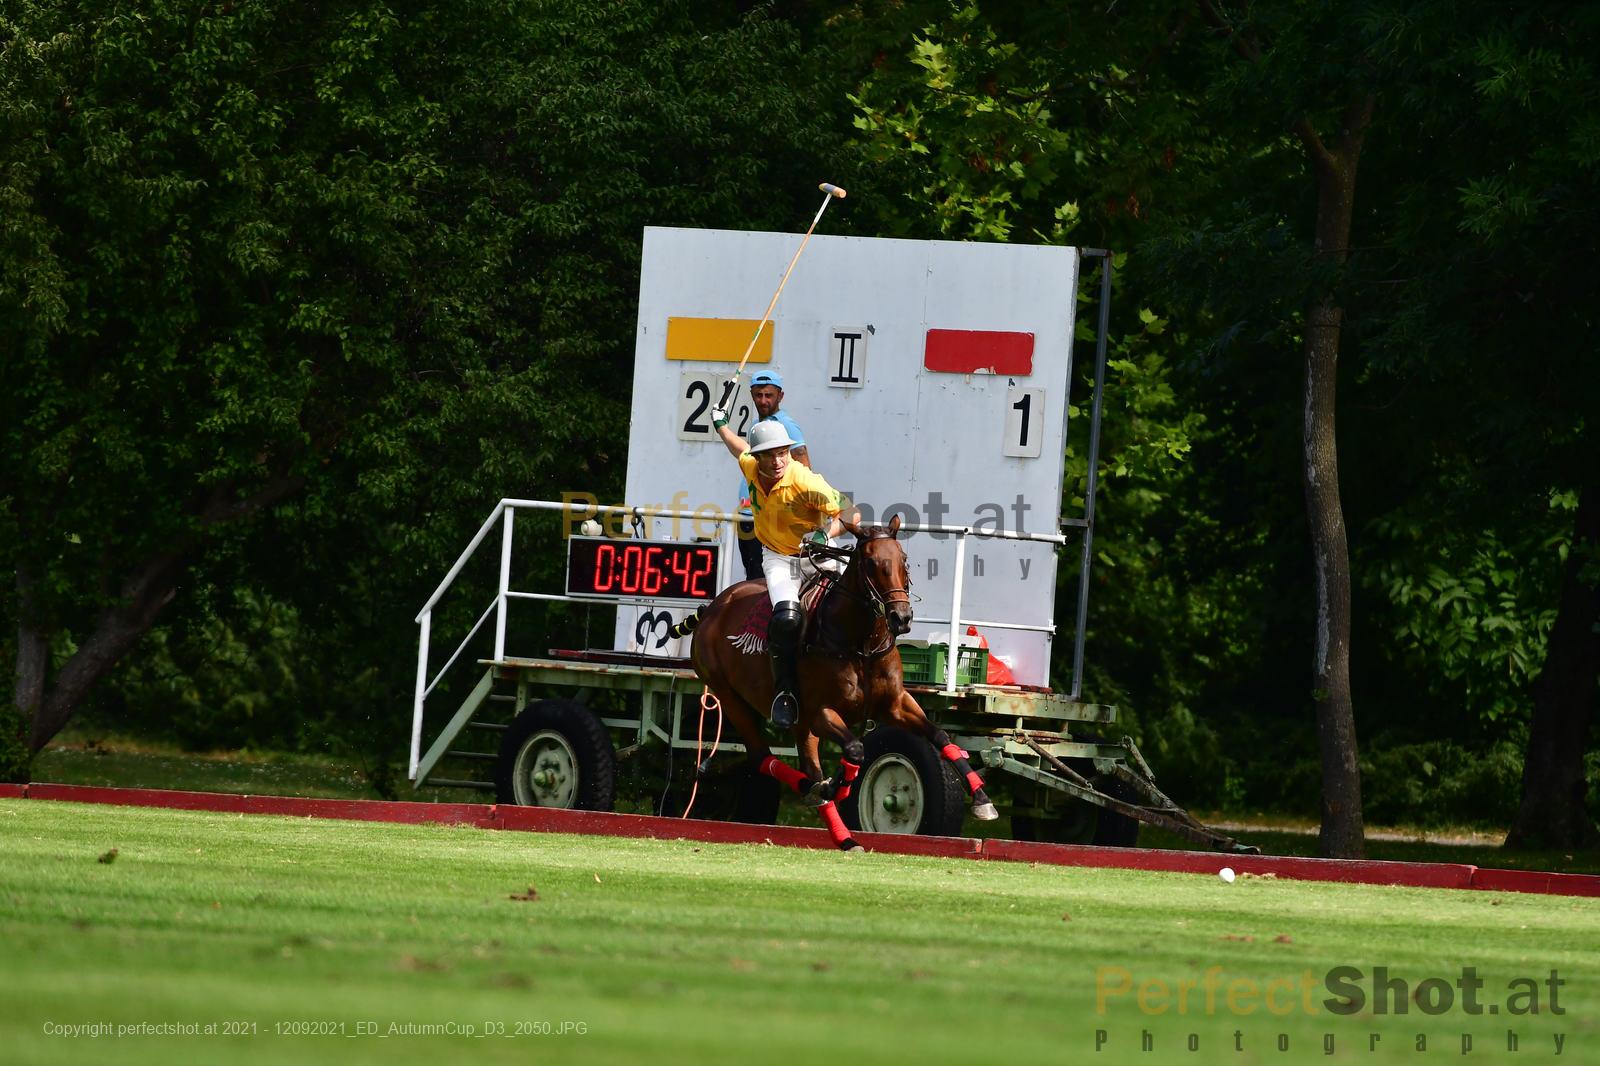 12.09.2021;perfectshot.at;Austria;Polo;2021;Poloclub Schloss Ebreichsdorf;Day 3;Autumn Cup 2021;